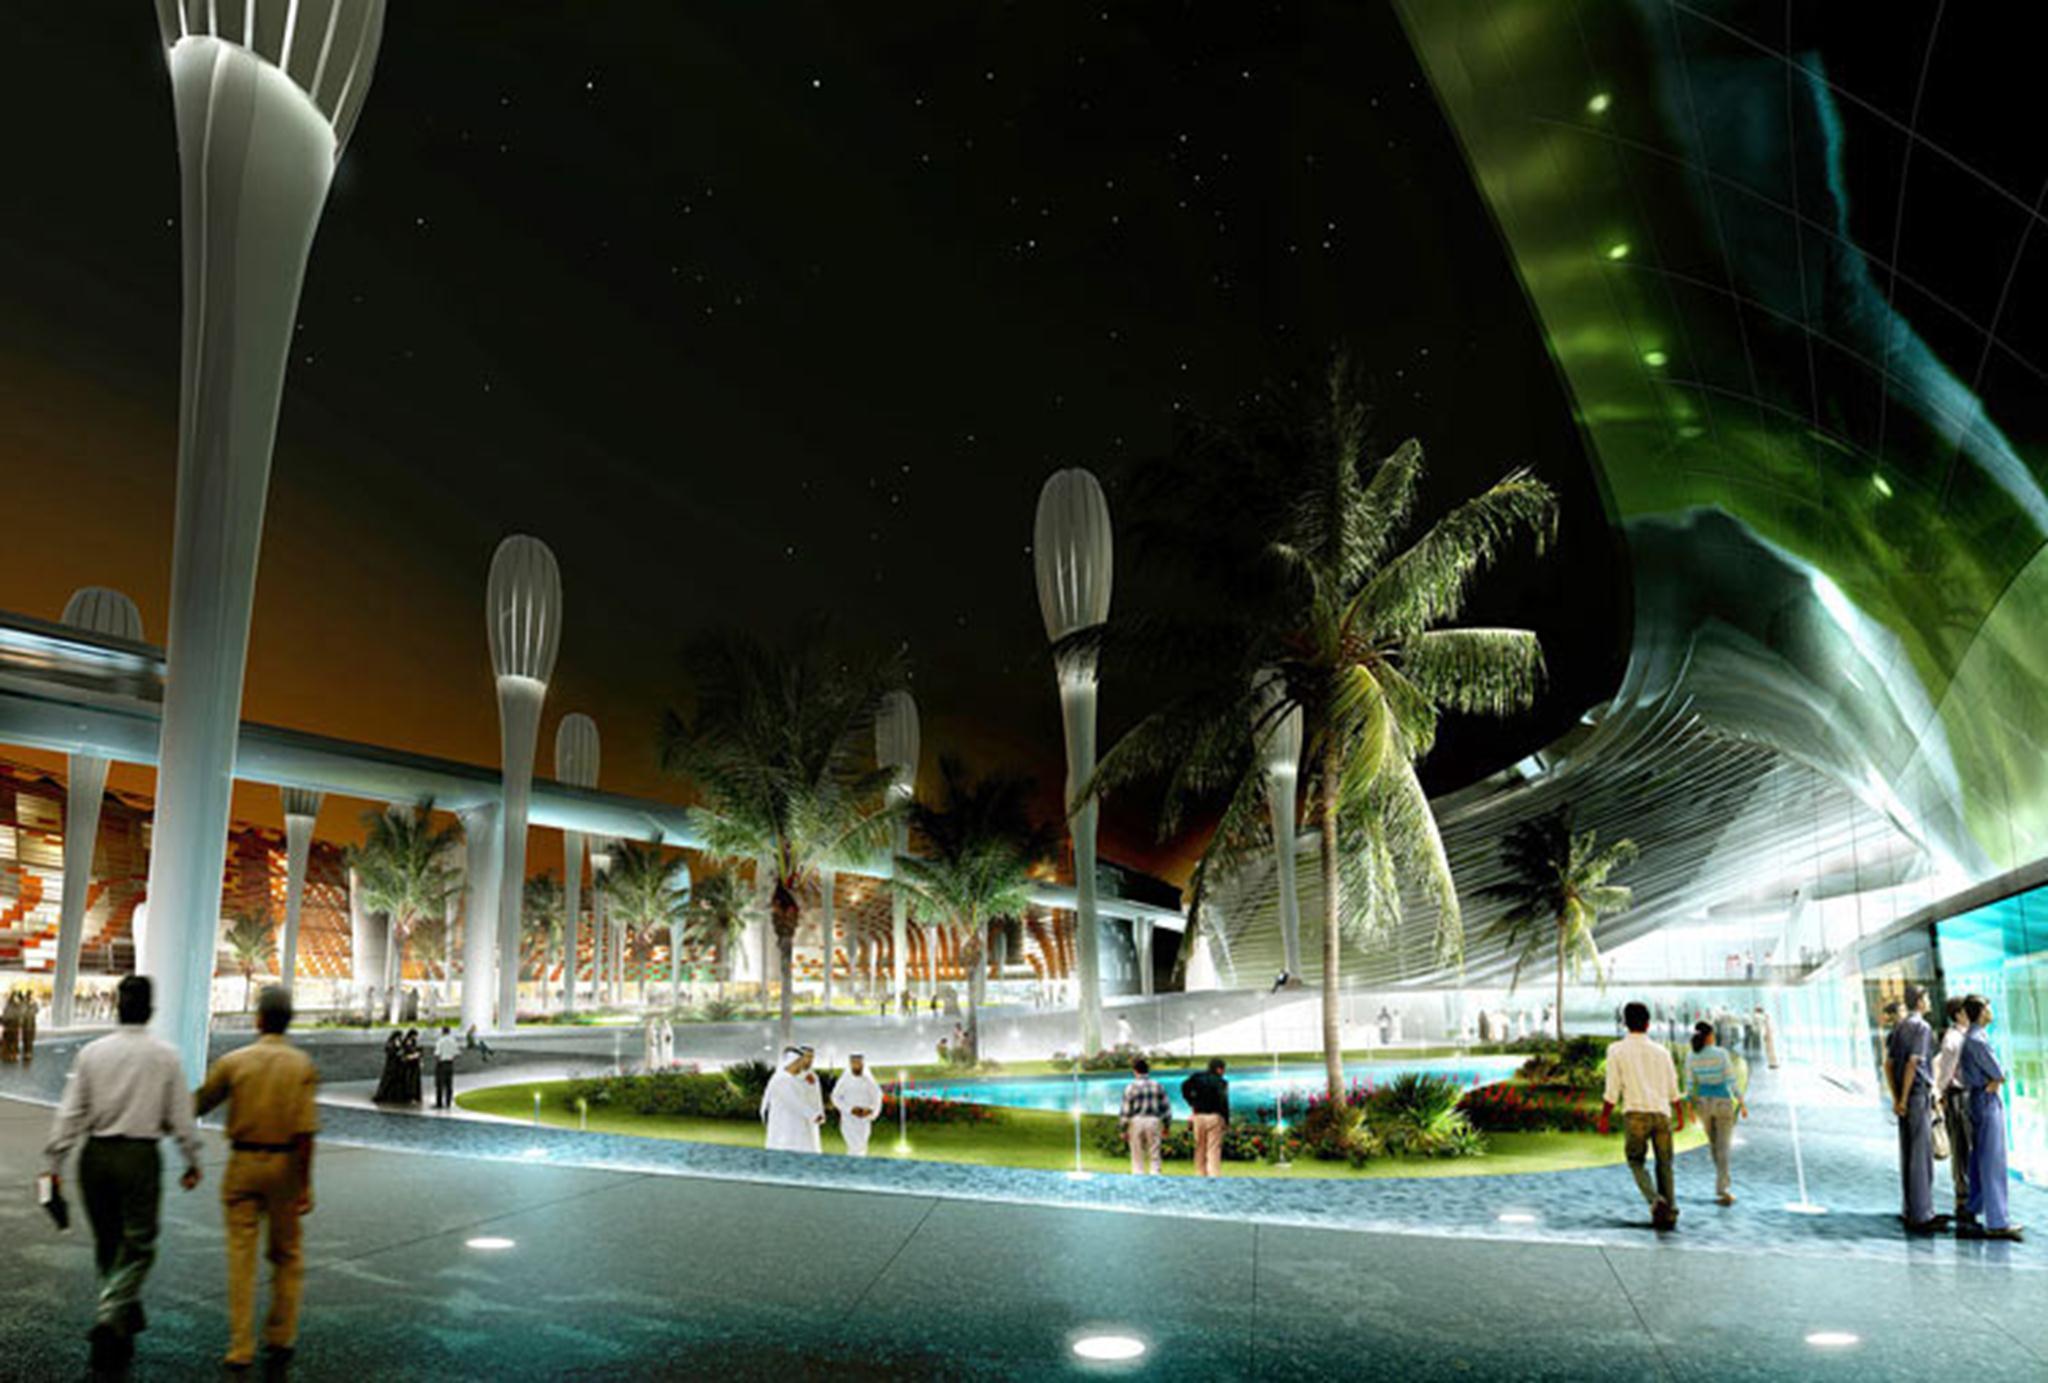 Trung tâm thành phố Masdar, thành phố không tiêu thụ năng lượng và không carbon đầu tiên trên thế giới.